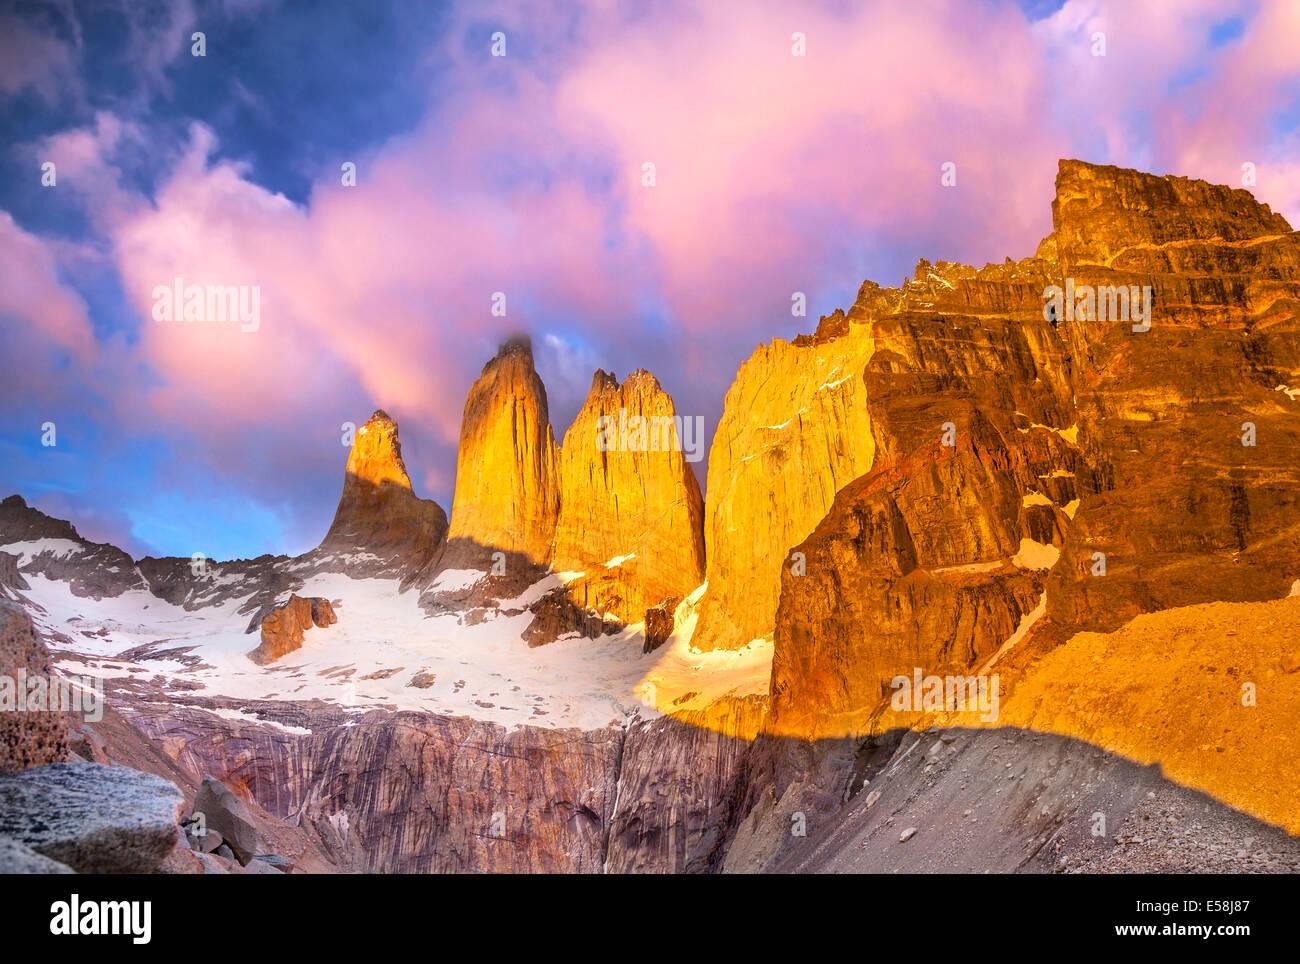 Hermoso amanecer en el Parque Nacional Torres del Paine, Patagonia, Chile Imagen De Stock